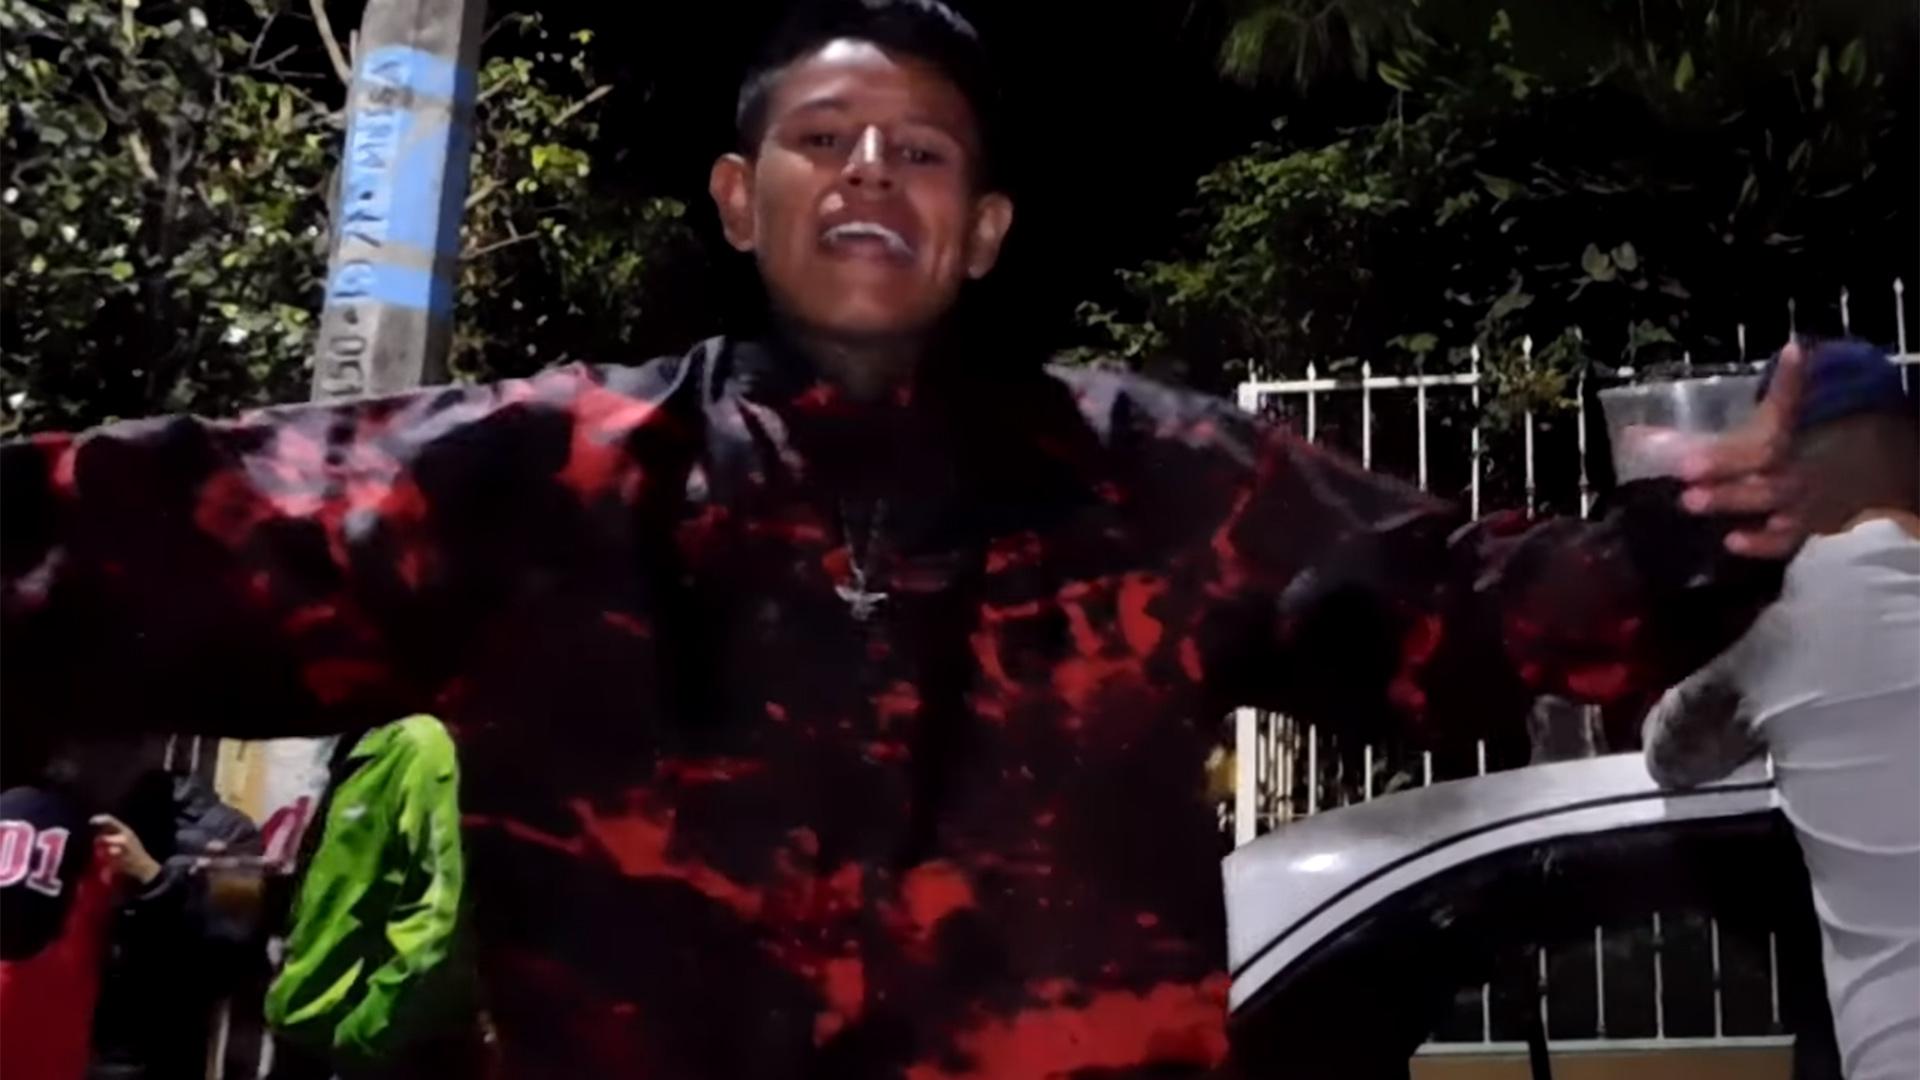 El rapero que disolvió a los estudiantes de cine ya había participado en otro homicidio.